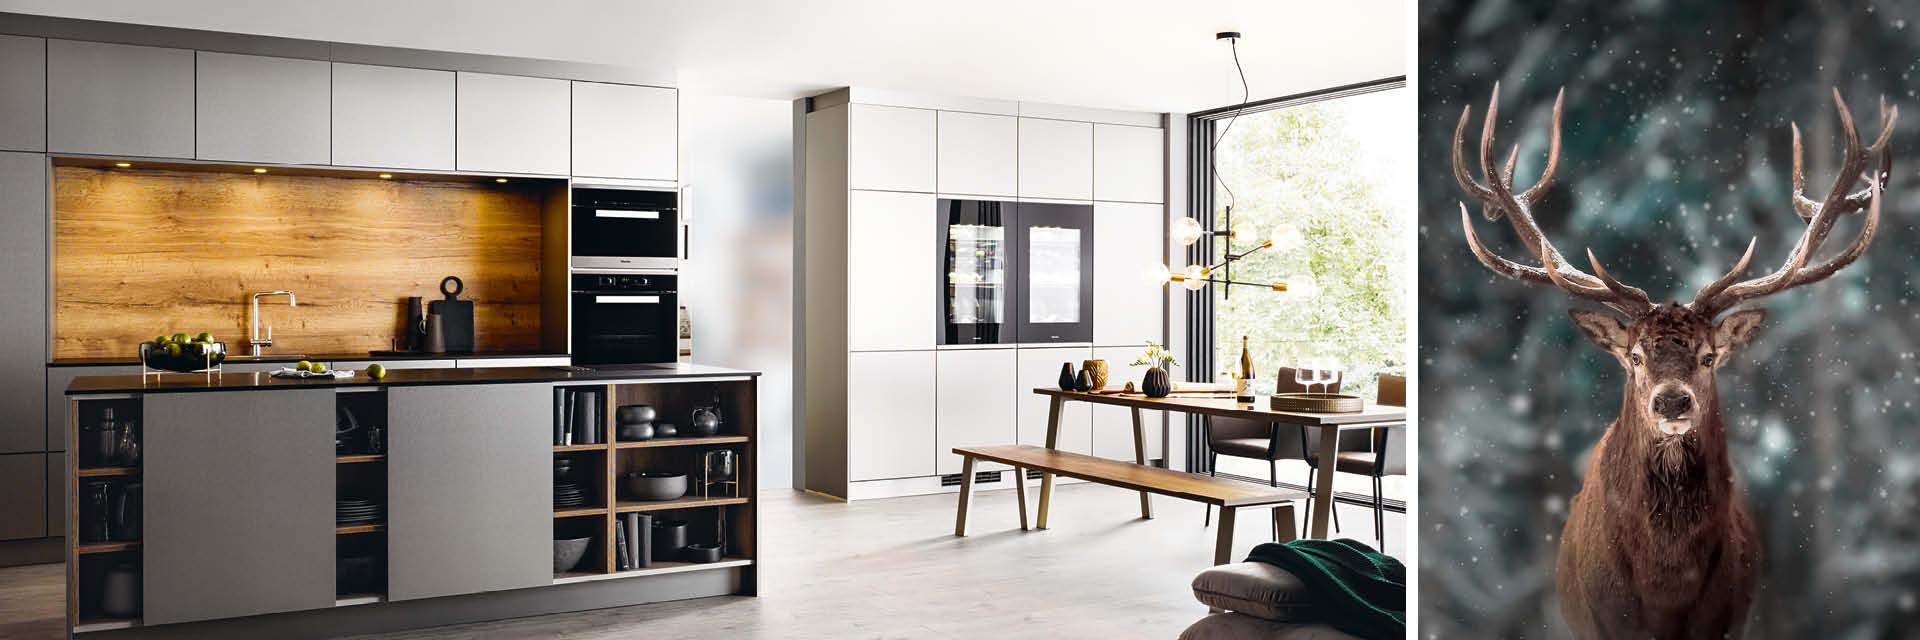 Naturdesign - die neuen Küchen-Outfits